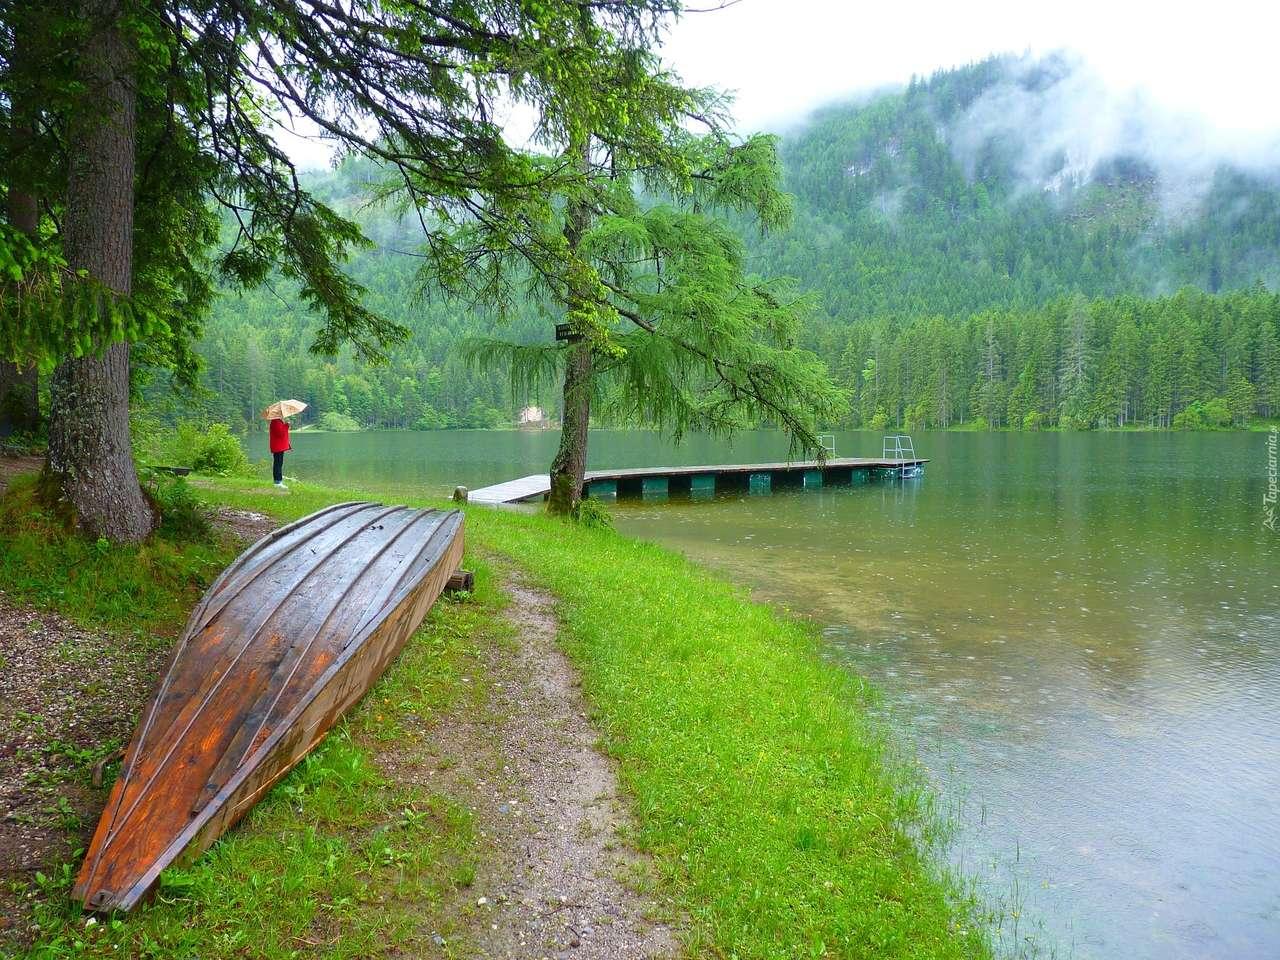 Deštivý den u jezera